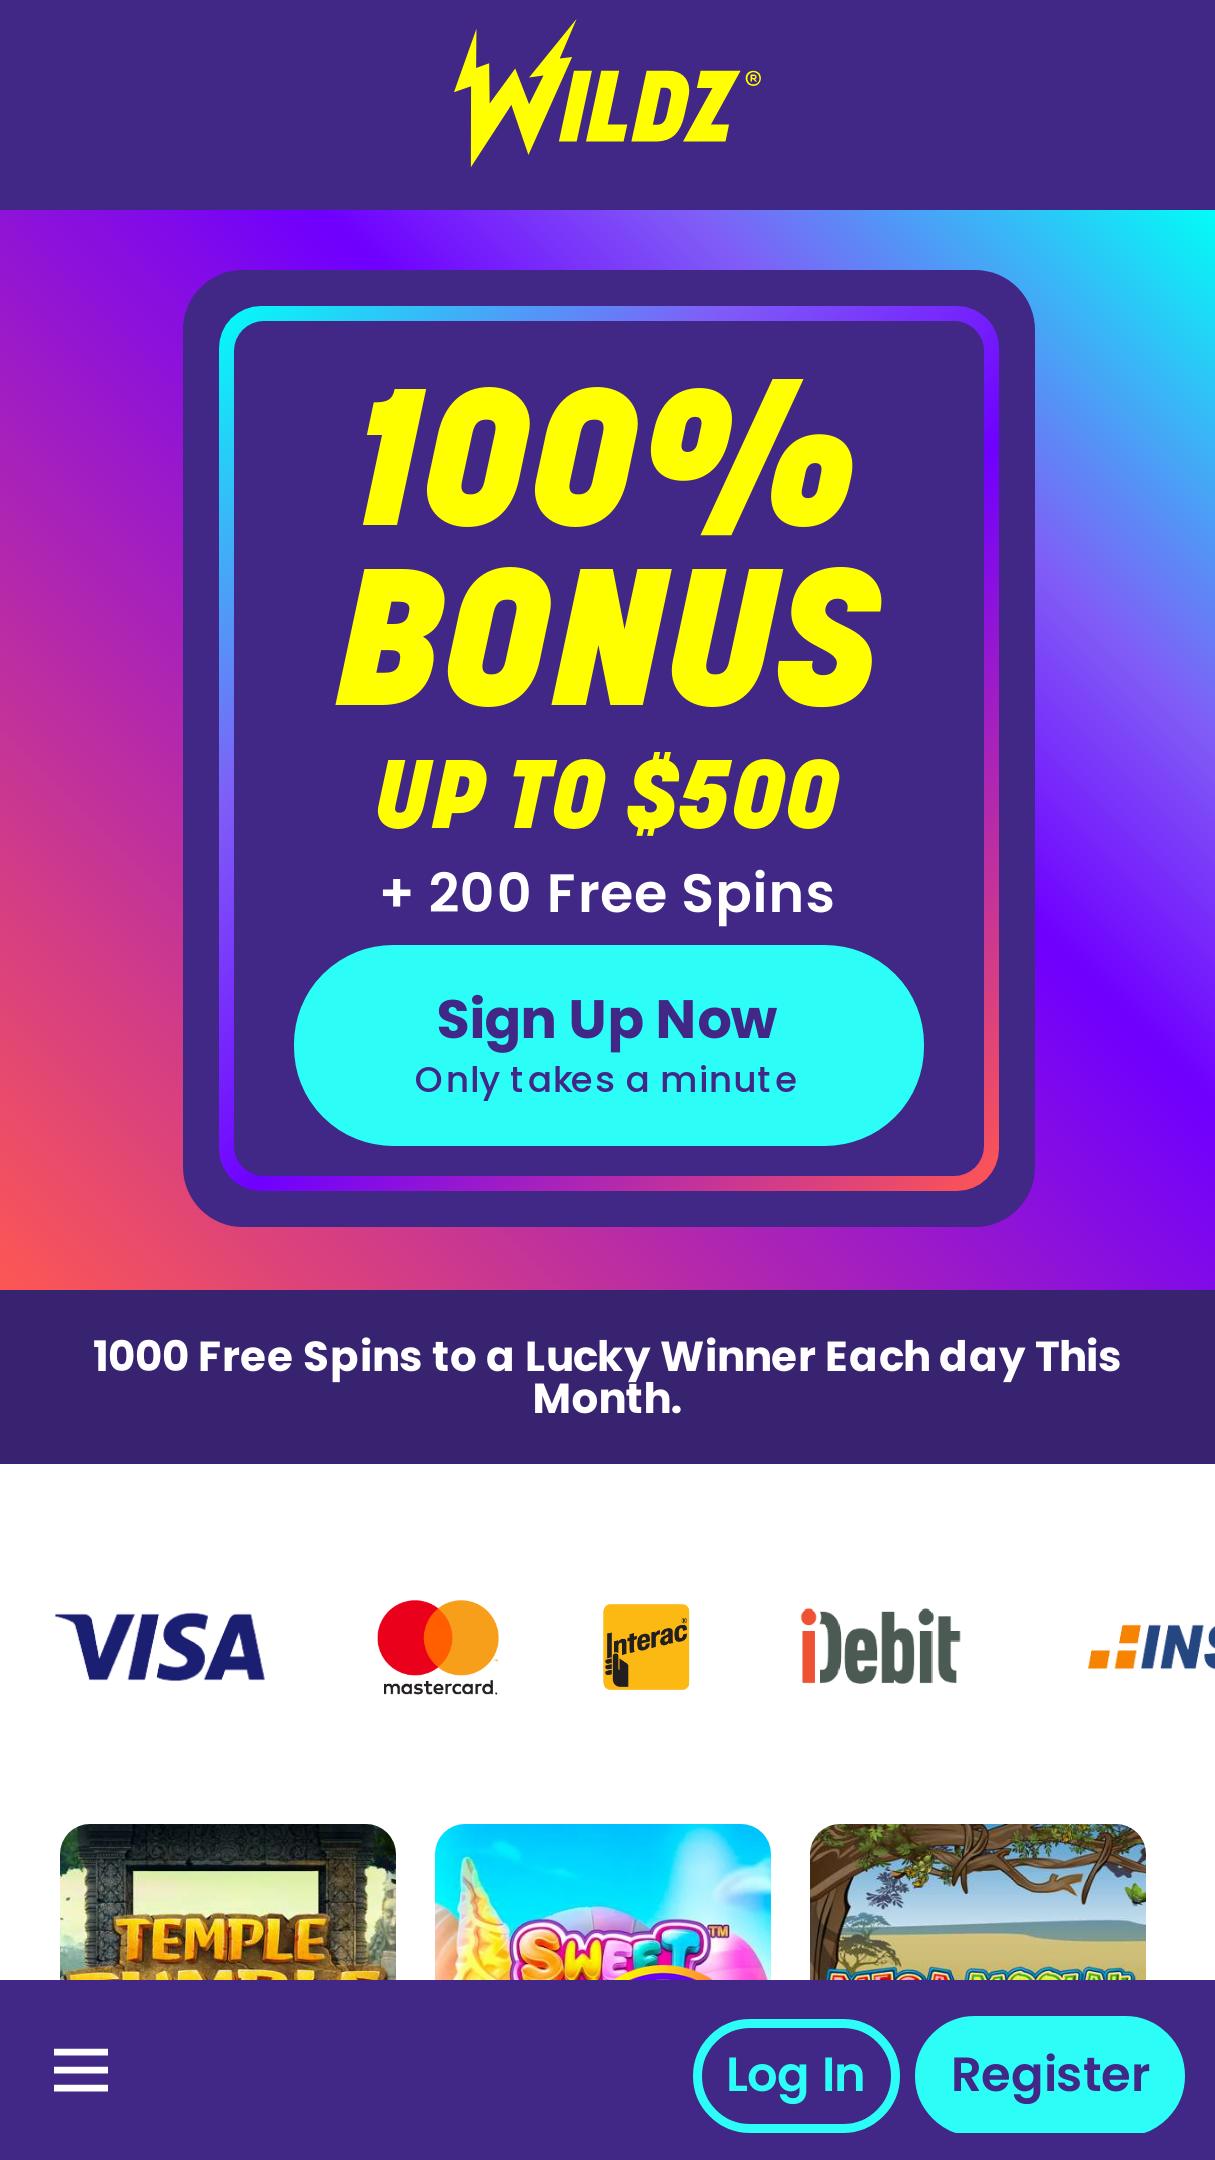 Wildz Casino App